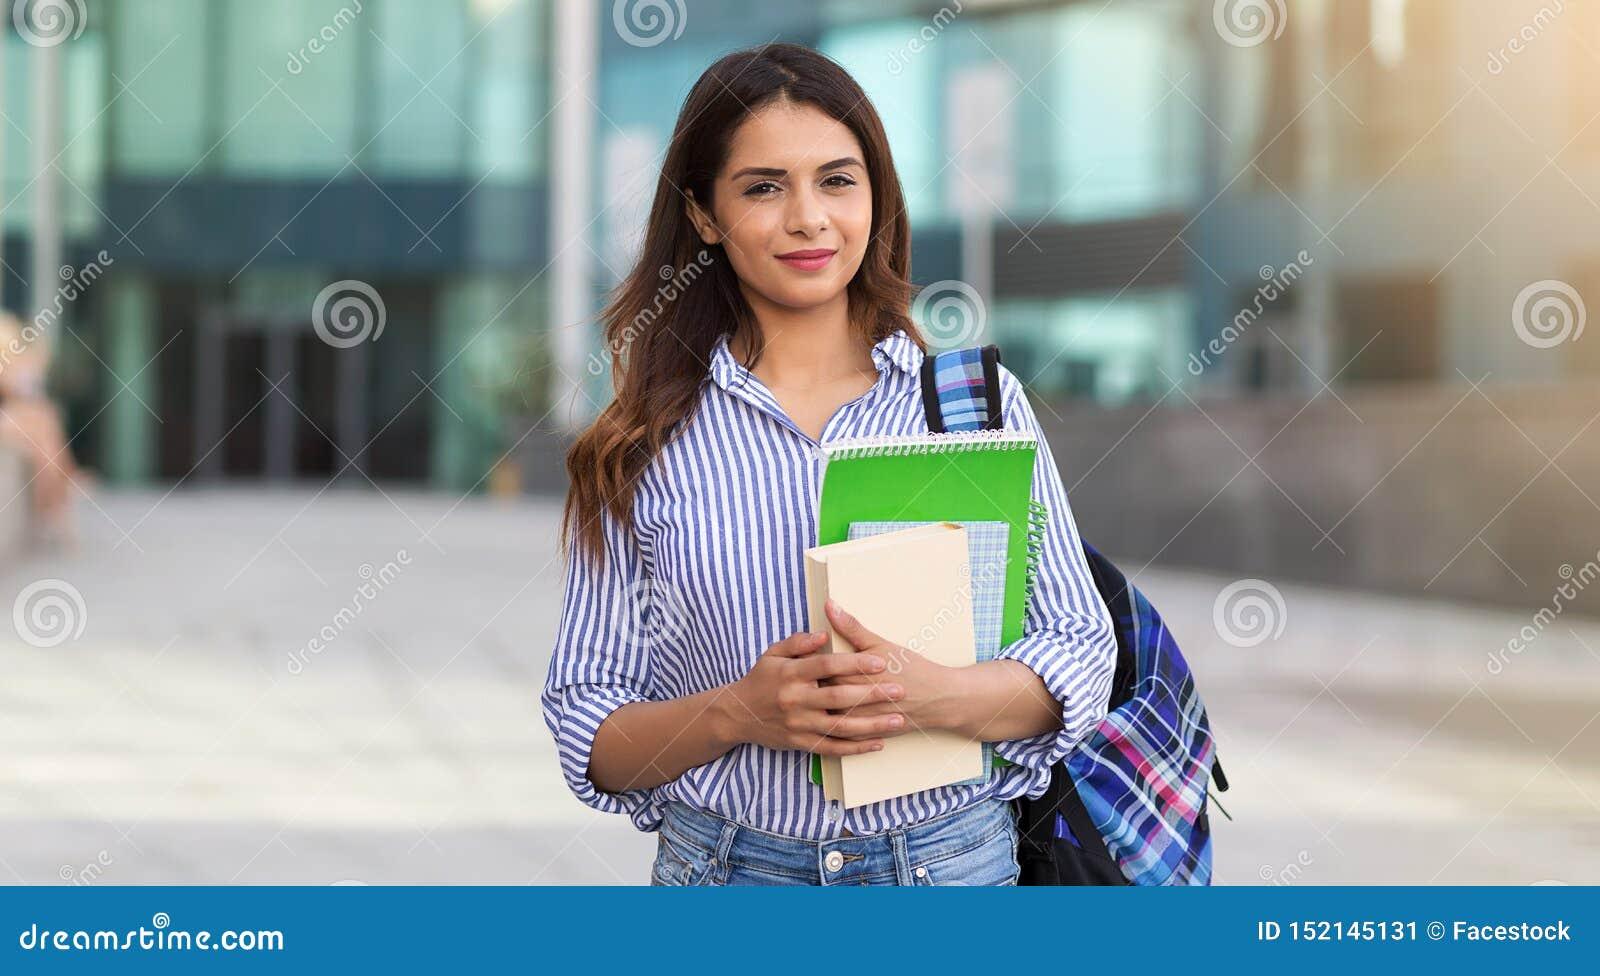 Retrato da mulher de sorriso nova que guarda livros, estudo, educação, conhecimento, conceito do objetivo